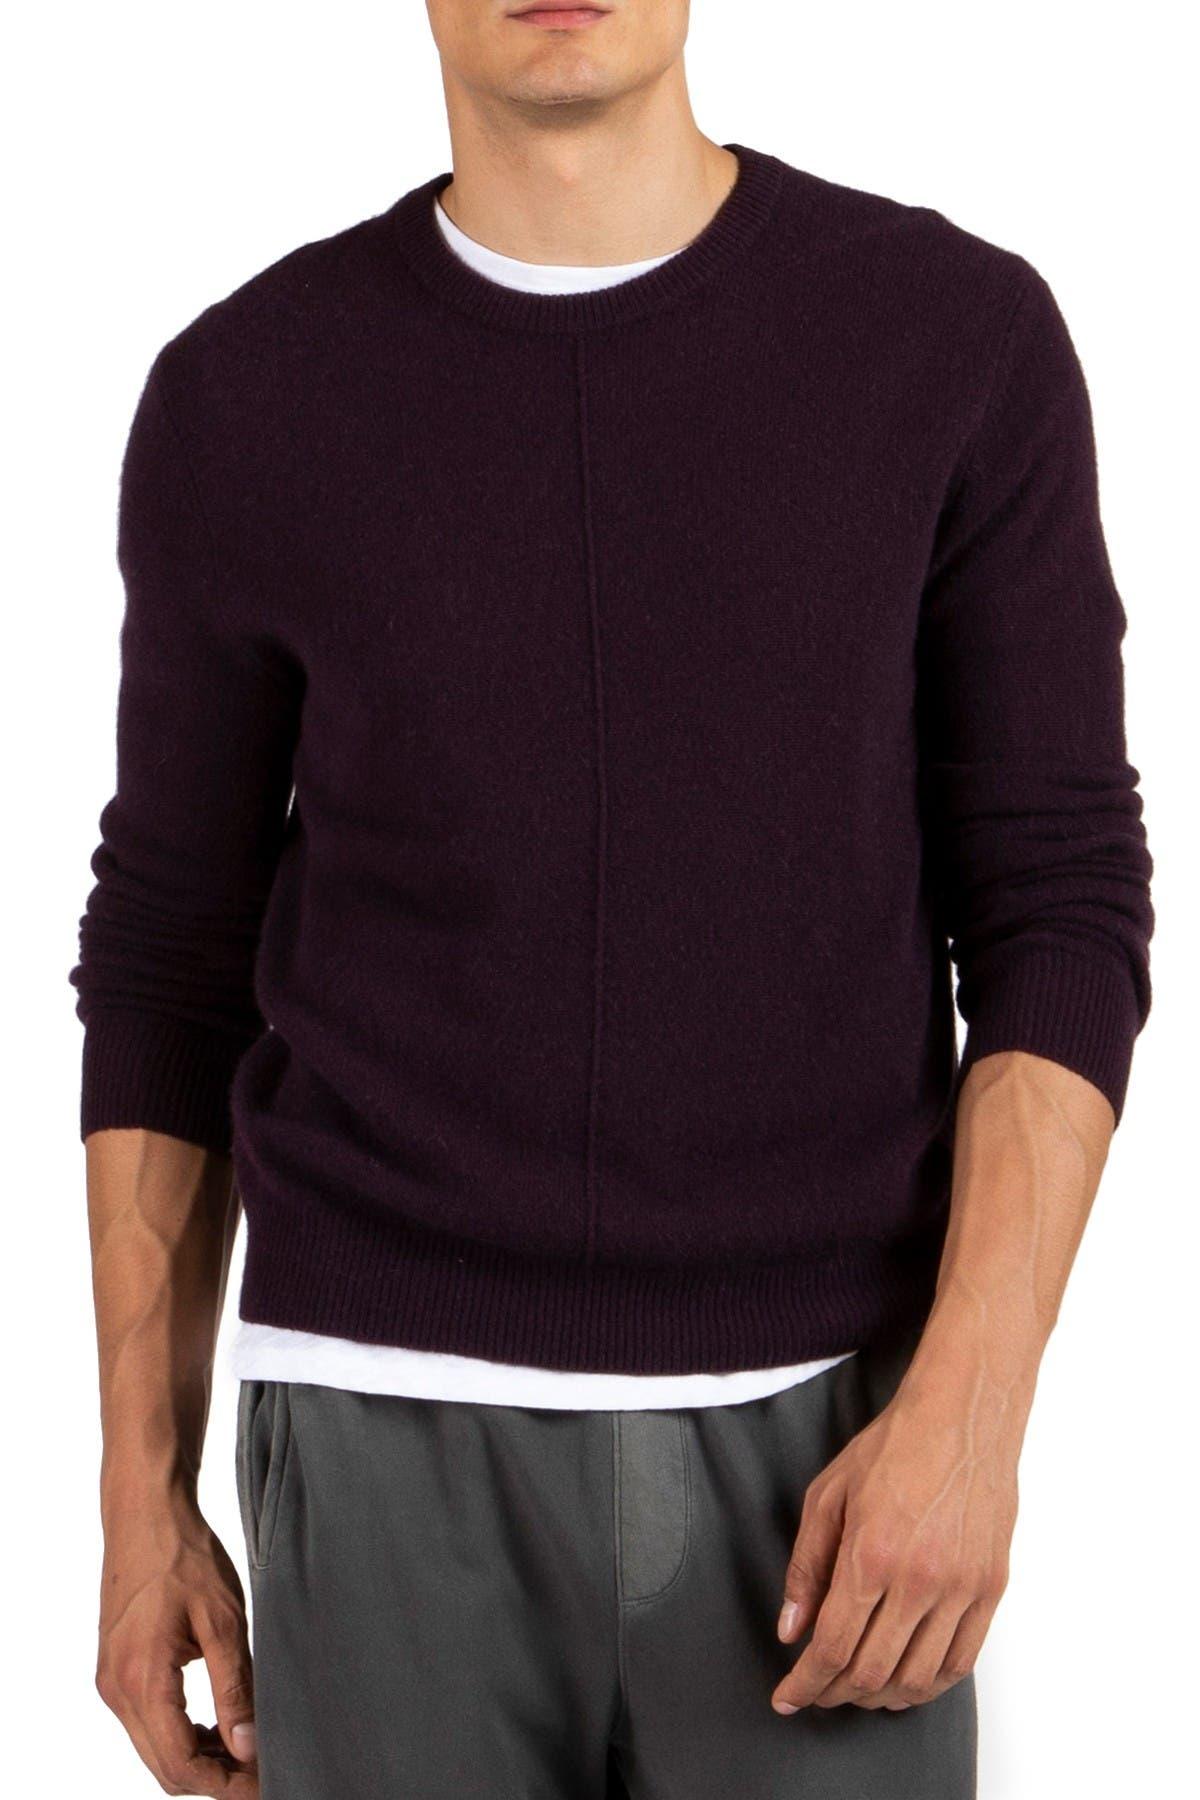 Image of ATM Anthony Thomas Melillo Crew Neck Cashmere Sweater